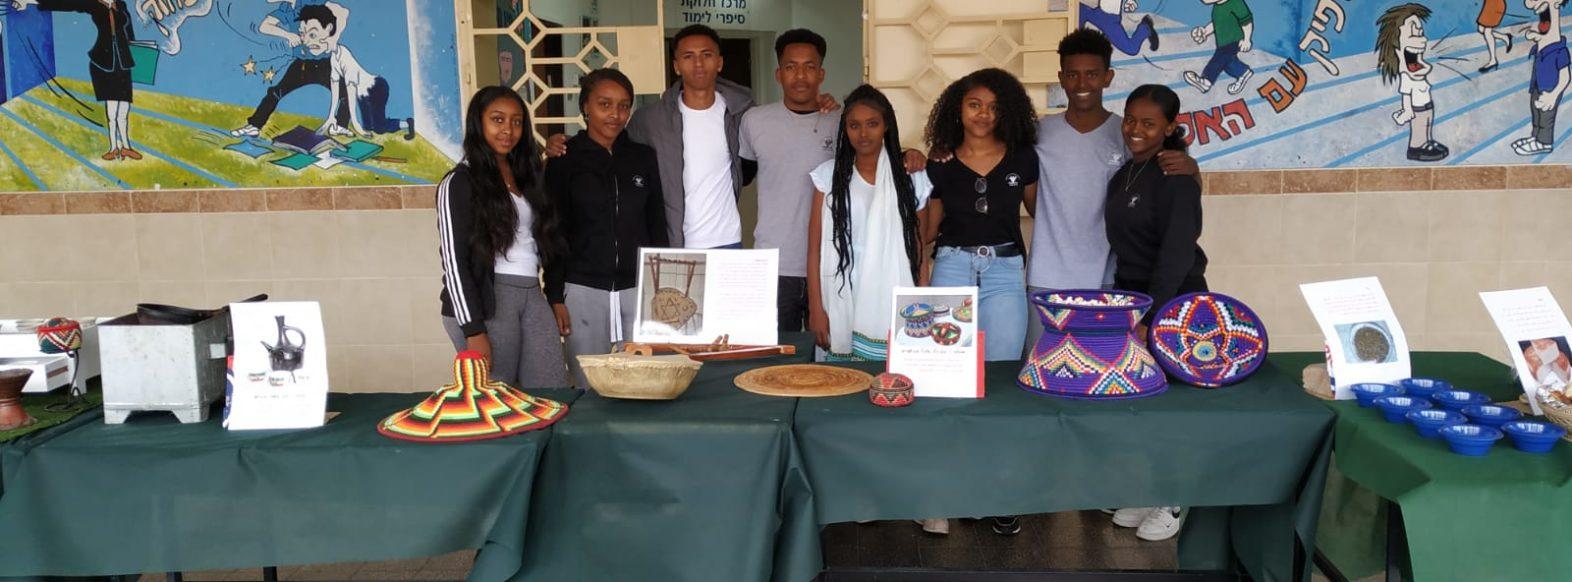 תלמידי בתי הספר בקרית אתא  ציינו את חג הסיגד של העדה האתיופית